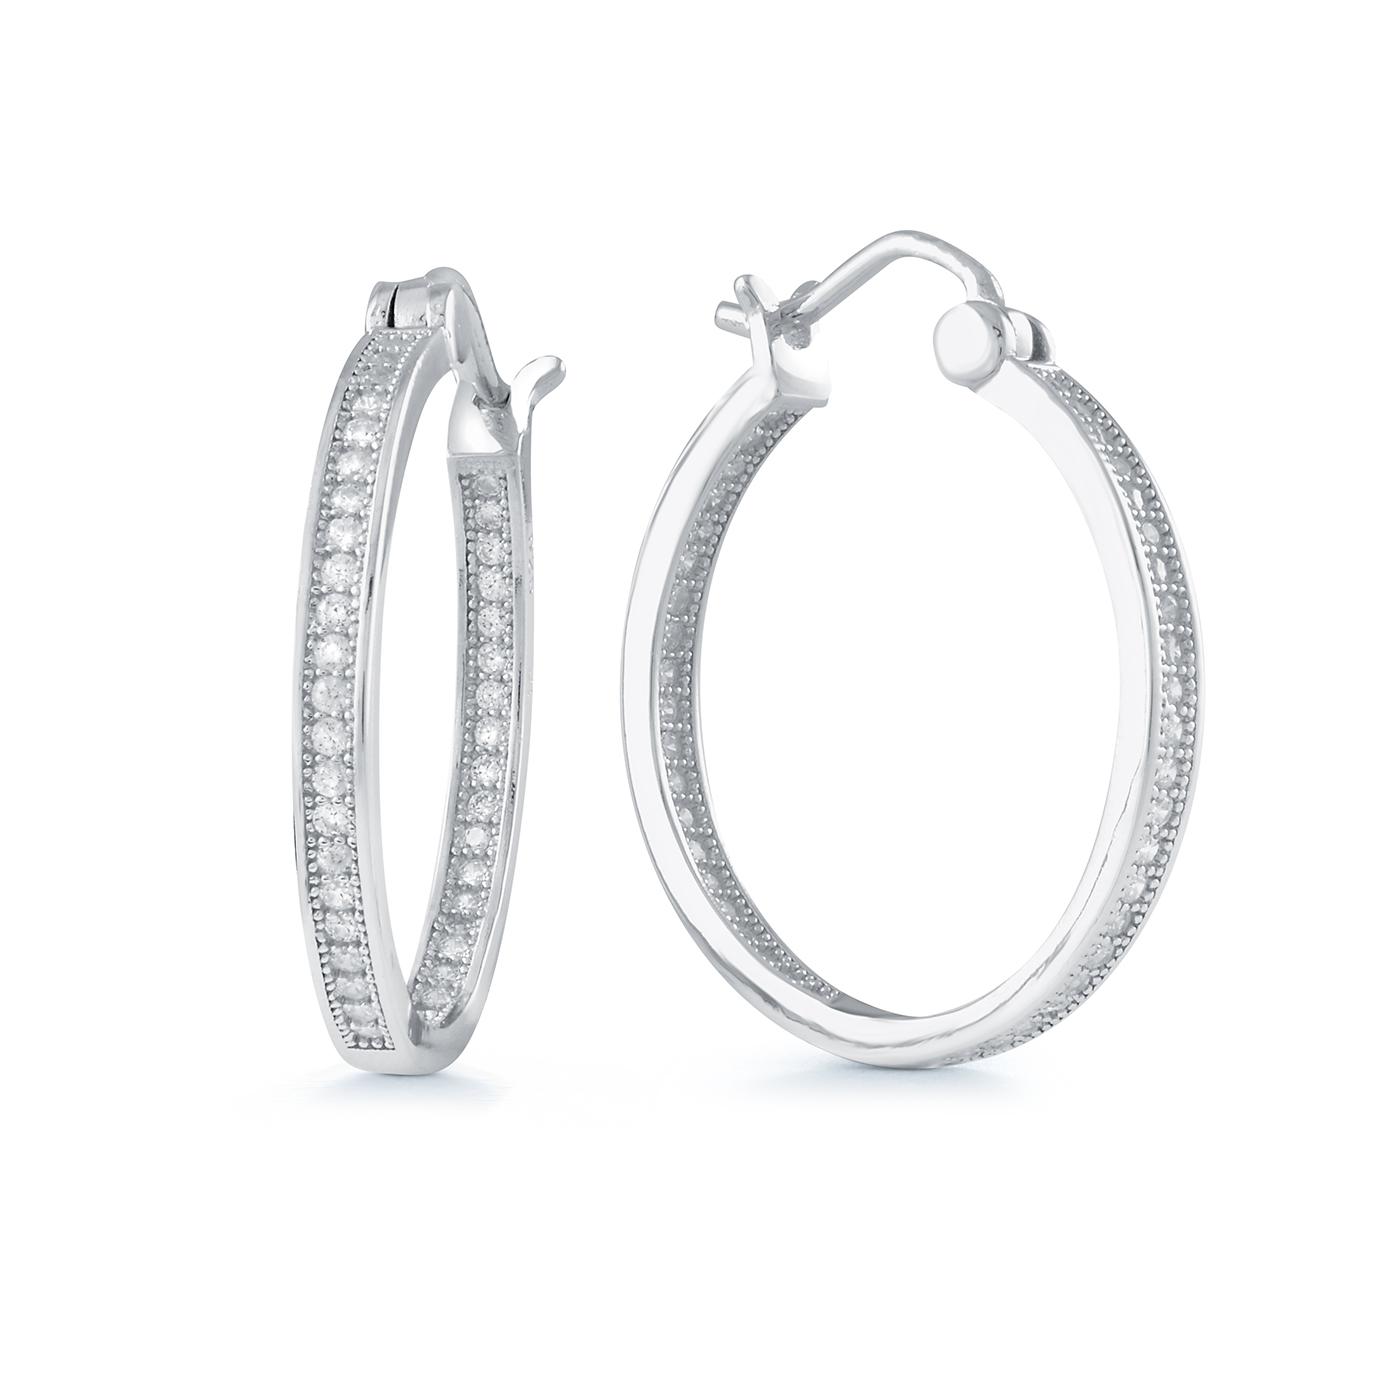 Boucles d'oreilles anneaux en argent sterling sertis de zircons cubiques